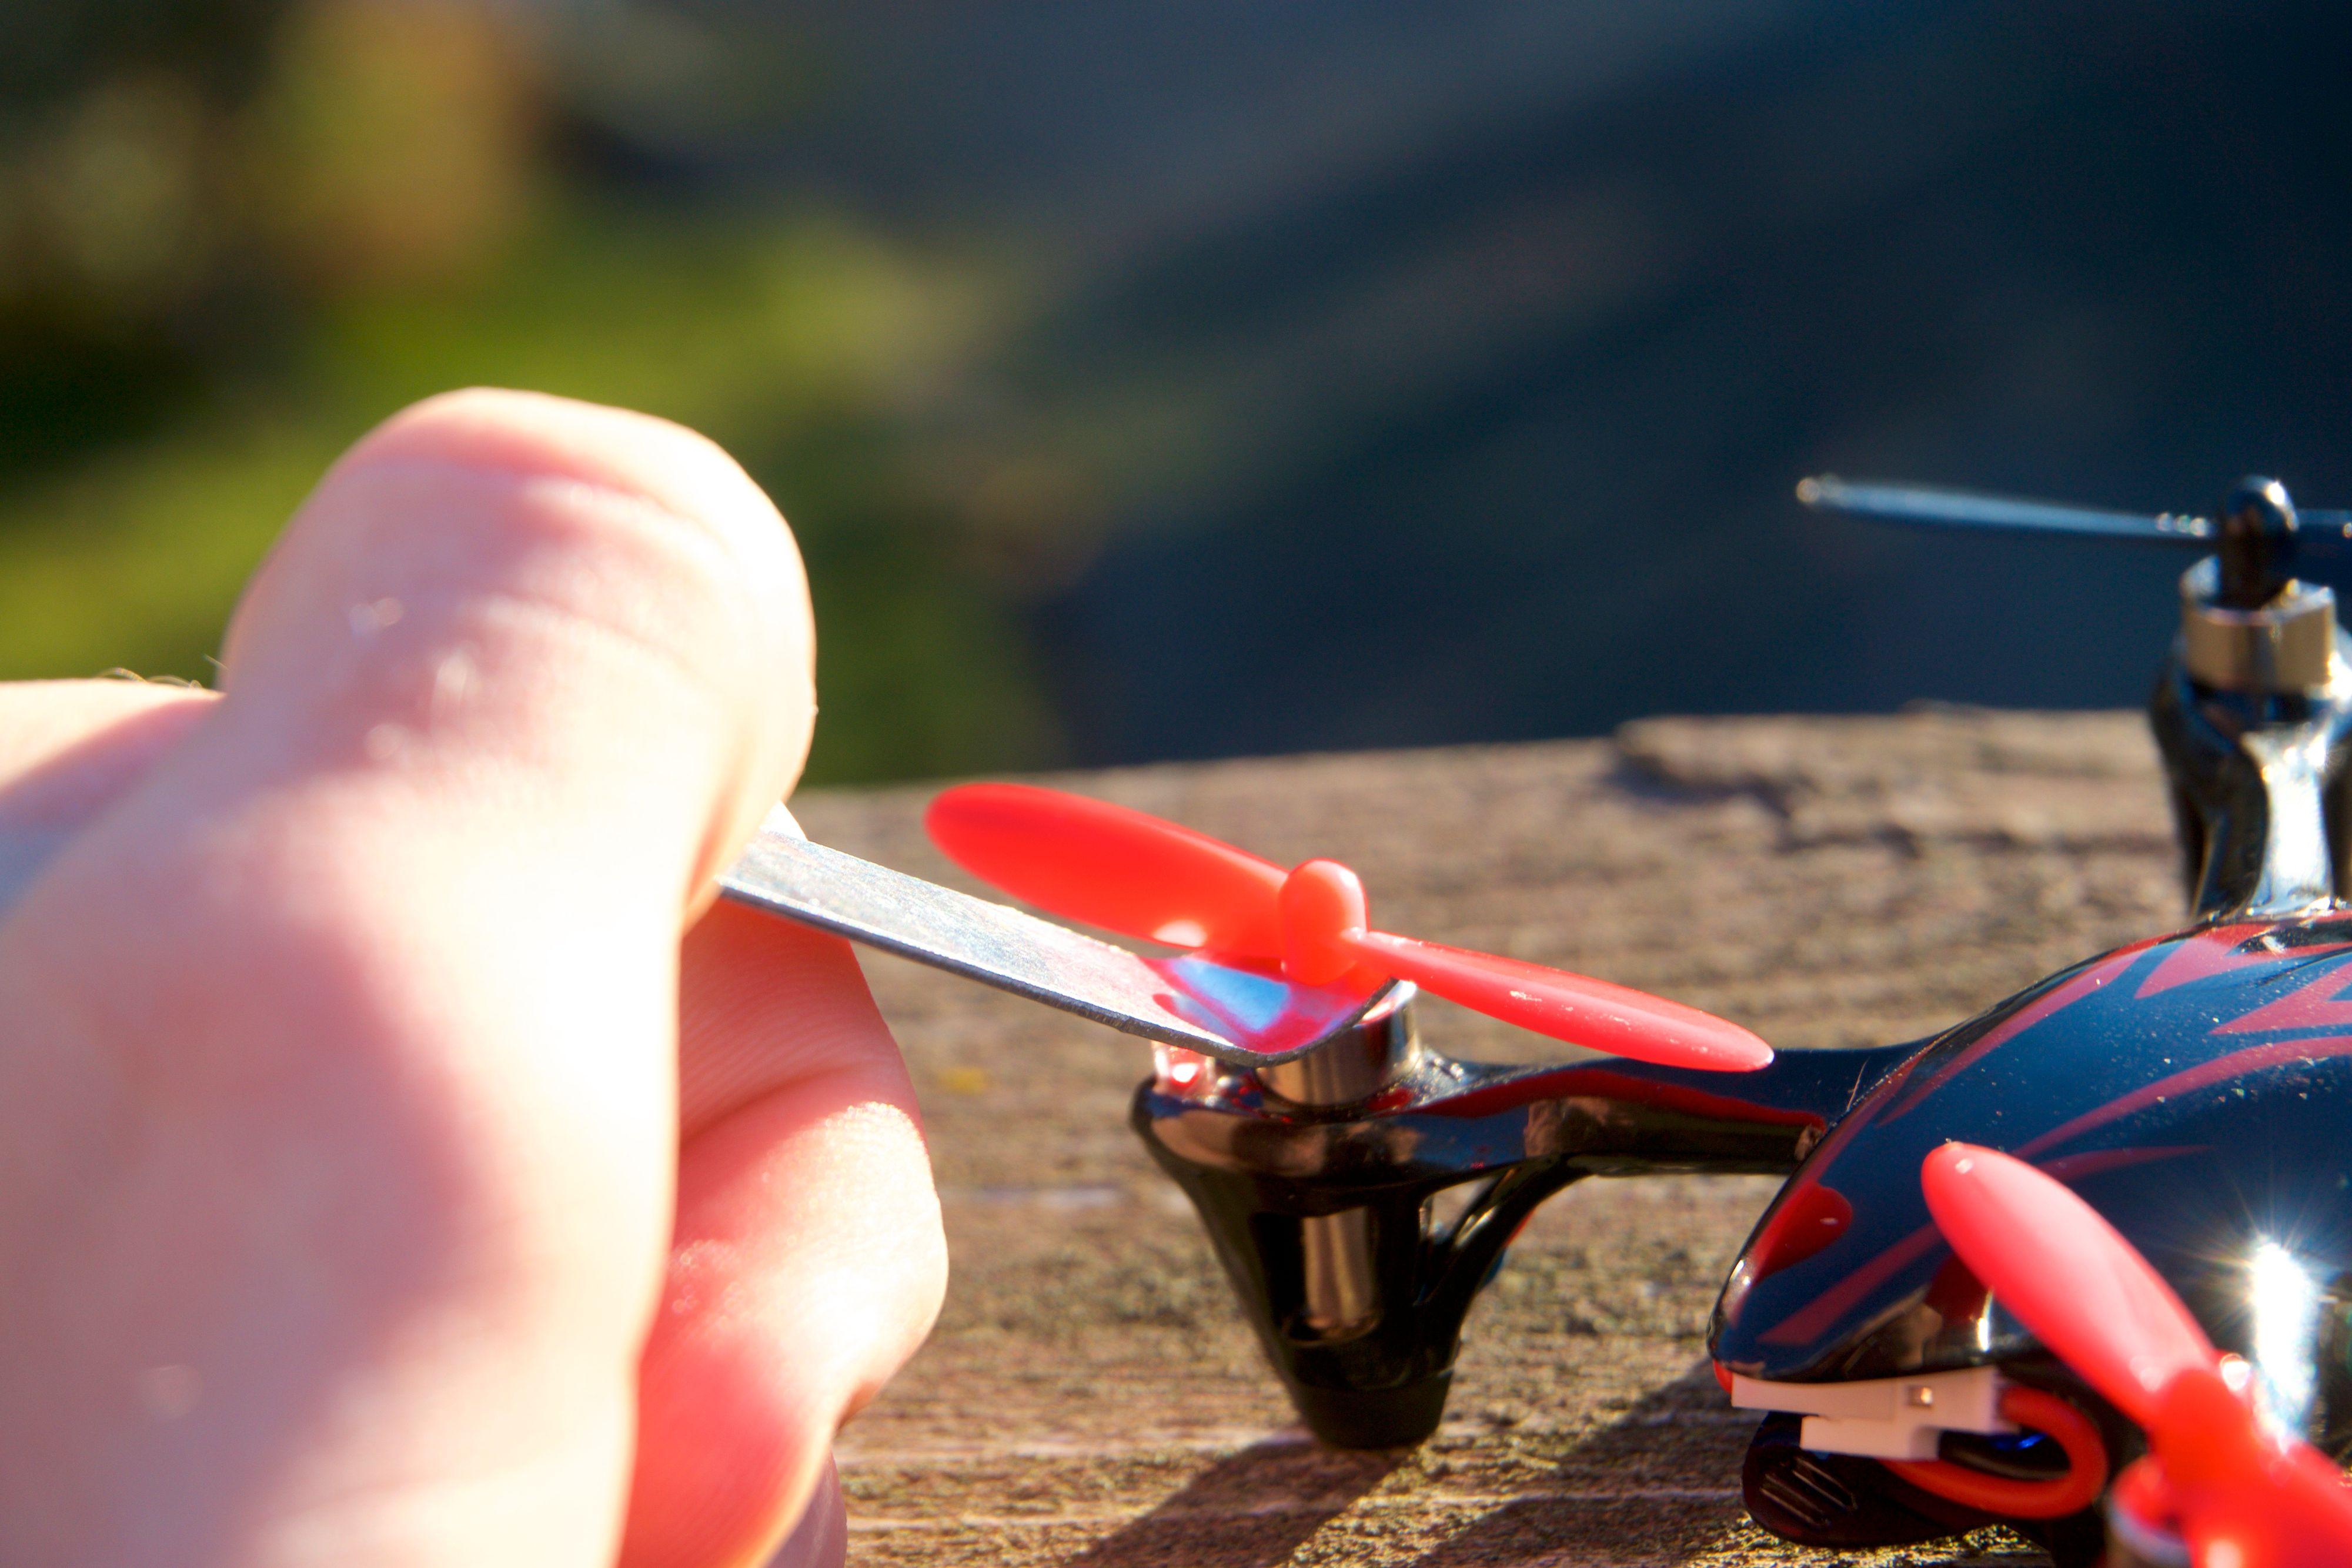 Du bruker en u-nøkkel for å flikke av de små propellene.